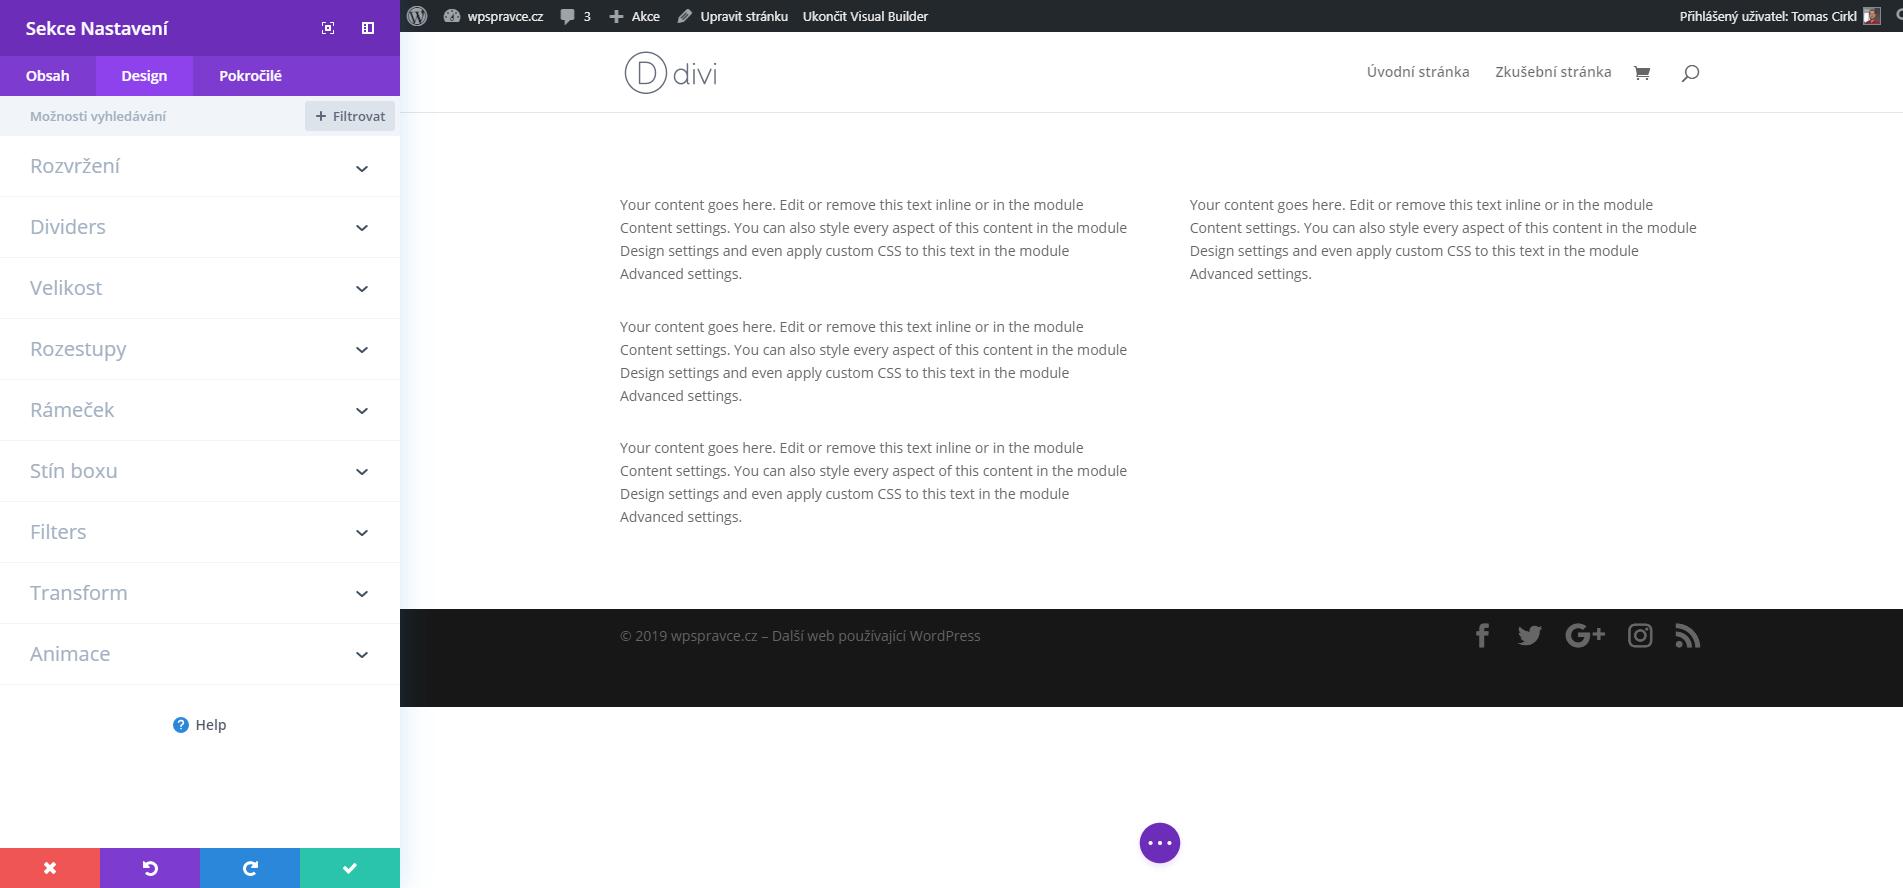 Nastavení sekce - Design